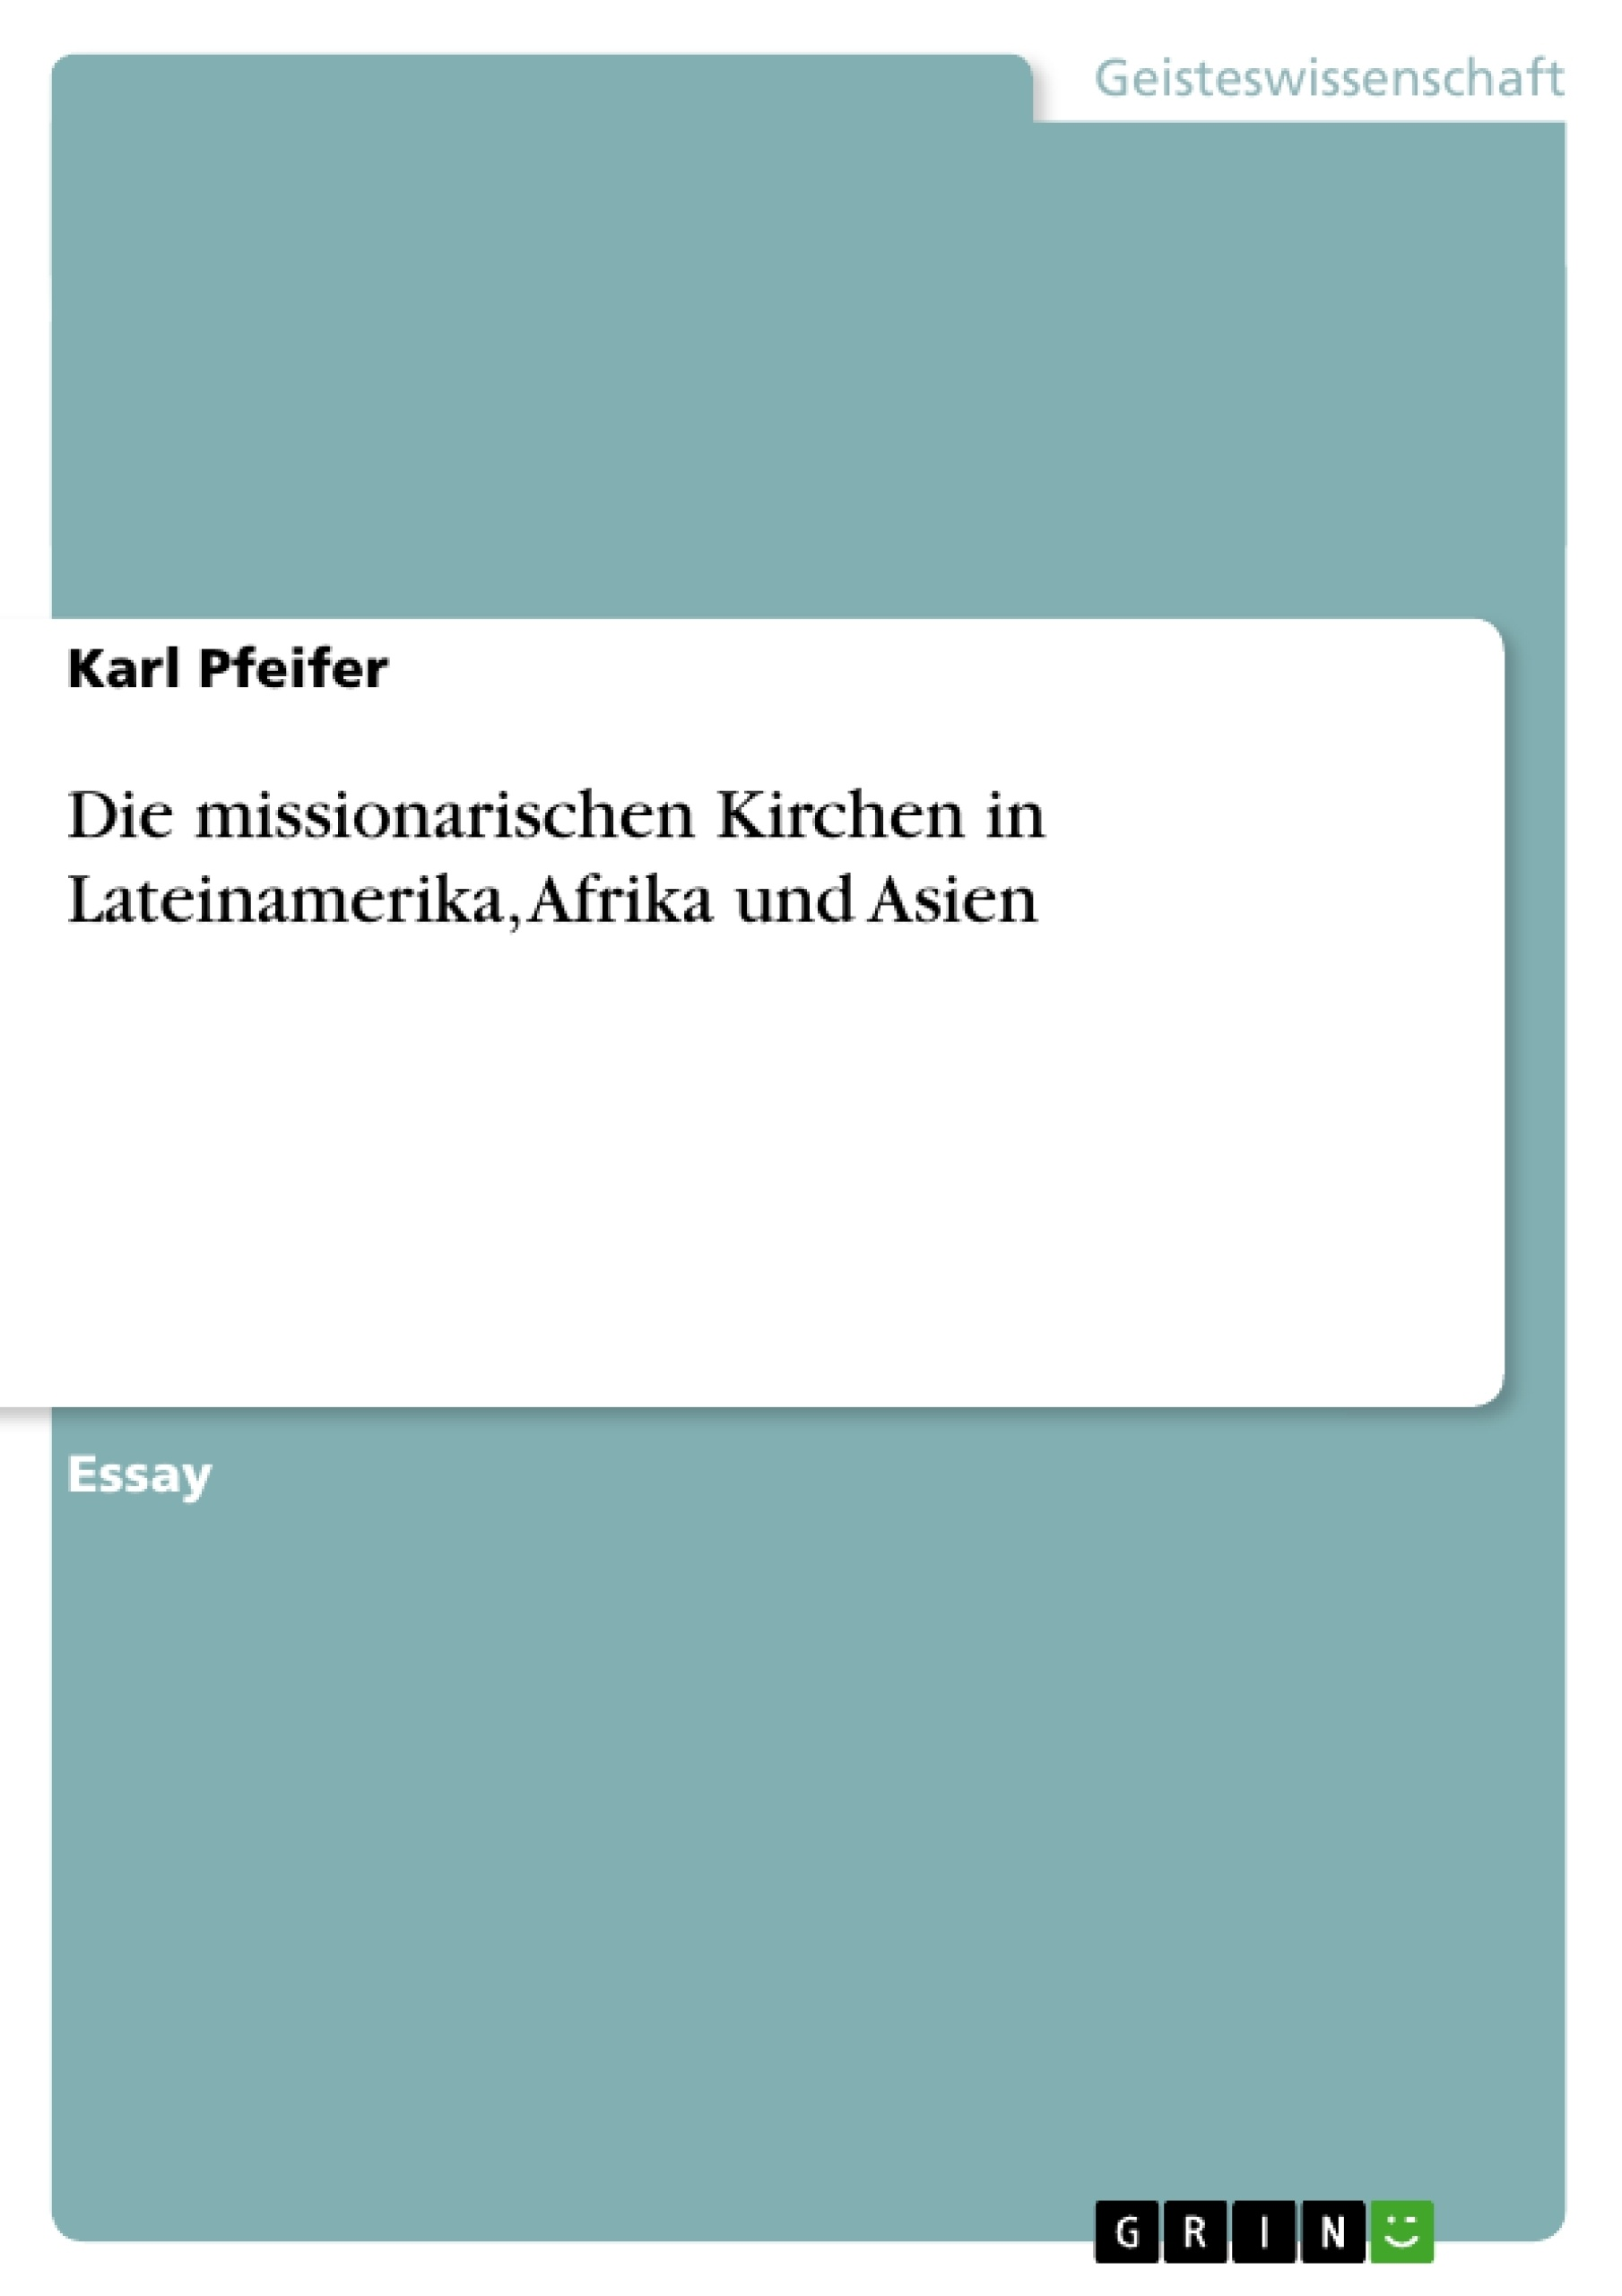 Titel: Die missionarischen Kirchen in Lateinamerika, Afrika und Asien